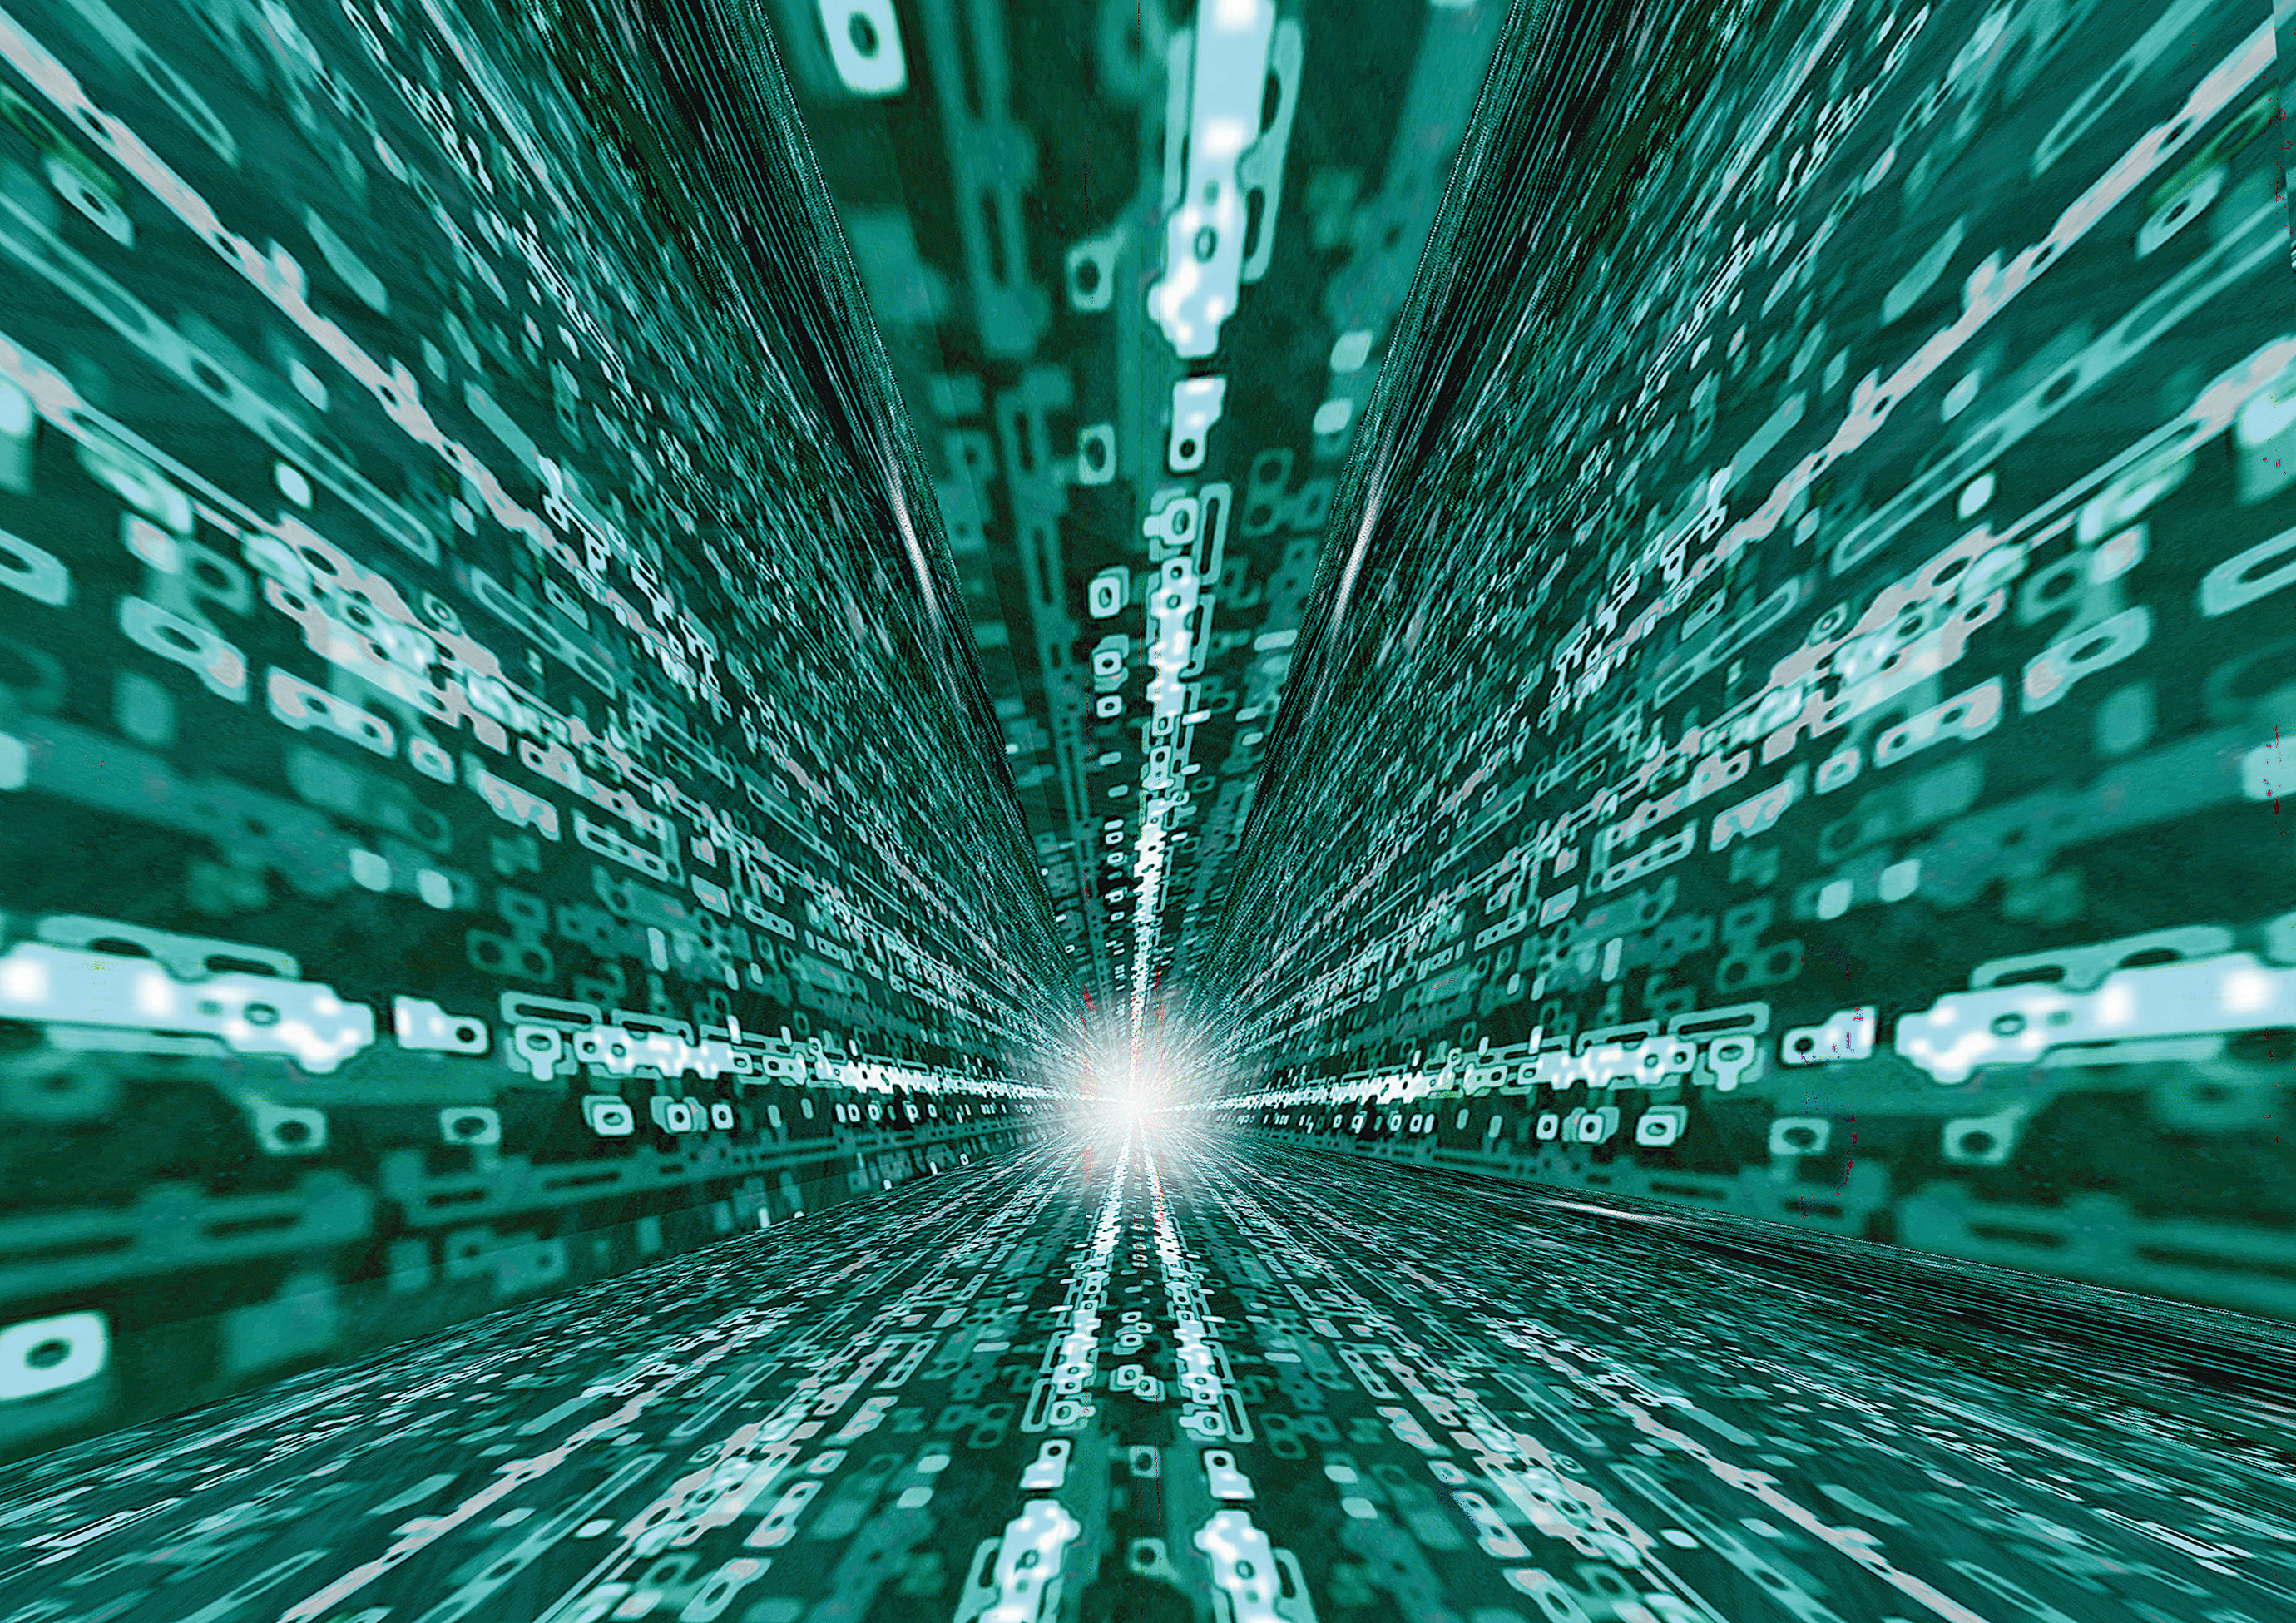 擔心人類生活在虛擬世界   科技富豪欲掀矩陣革命